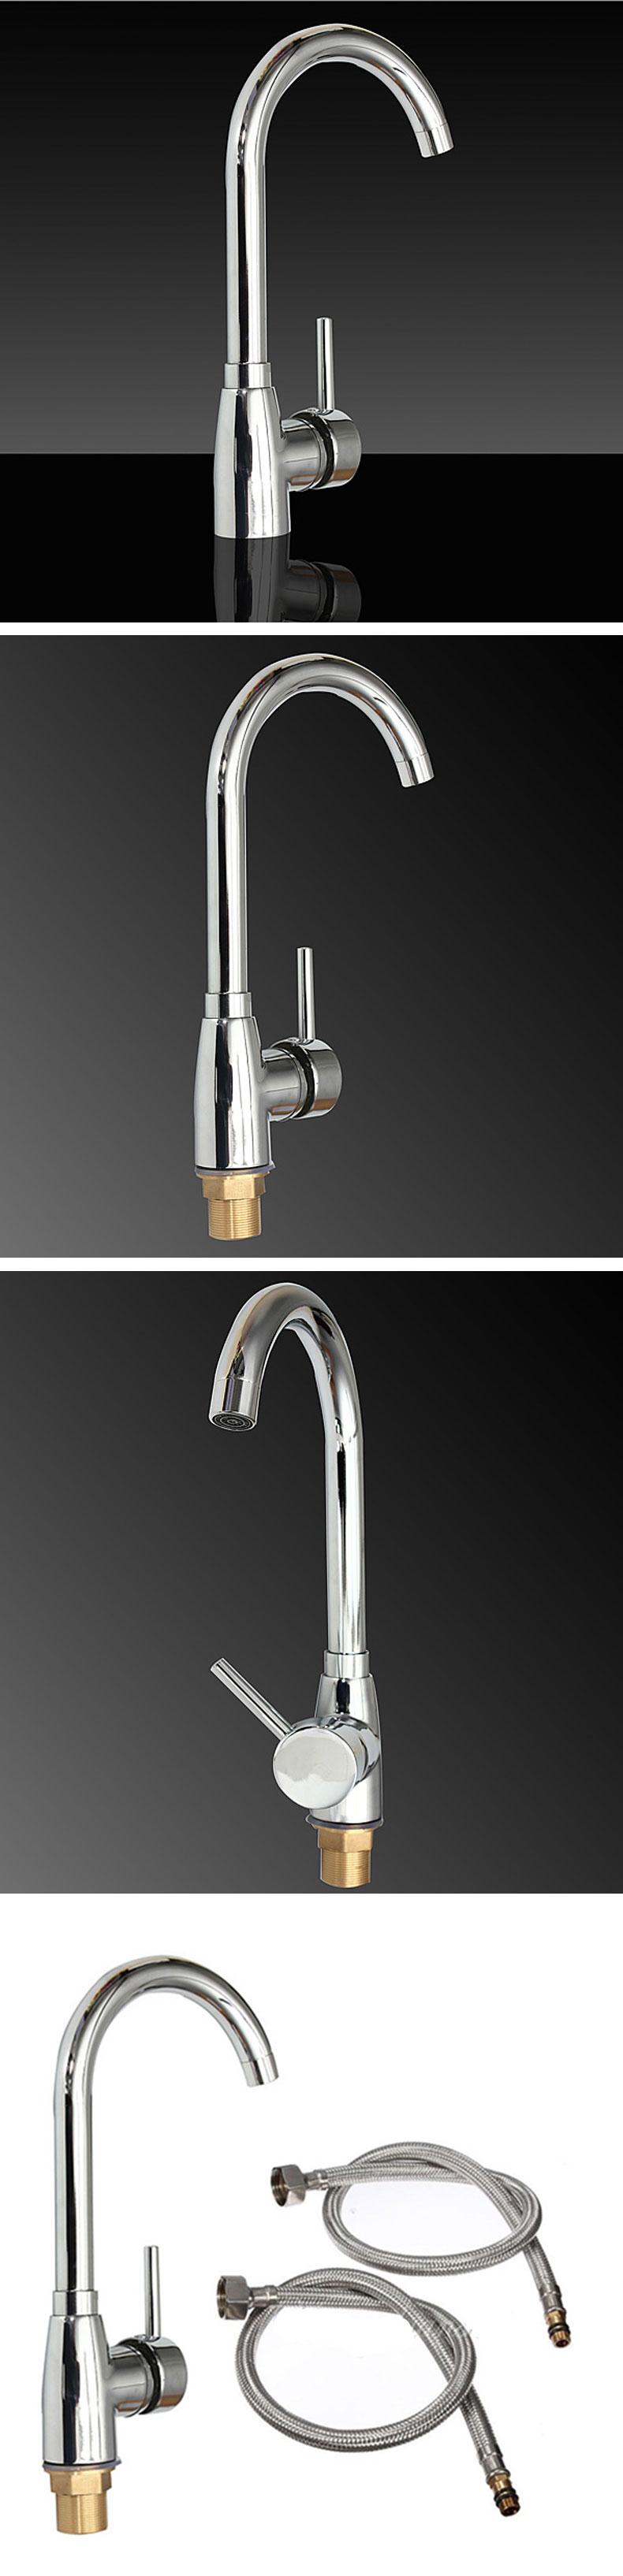 Bathroom bathtub faucet solid brass chrome kitchen basin - No water pressure in kitchen sink ...